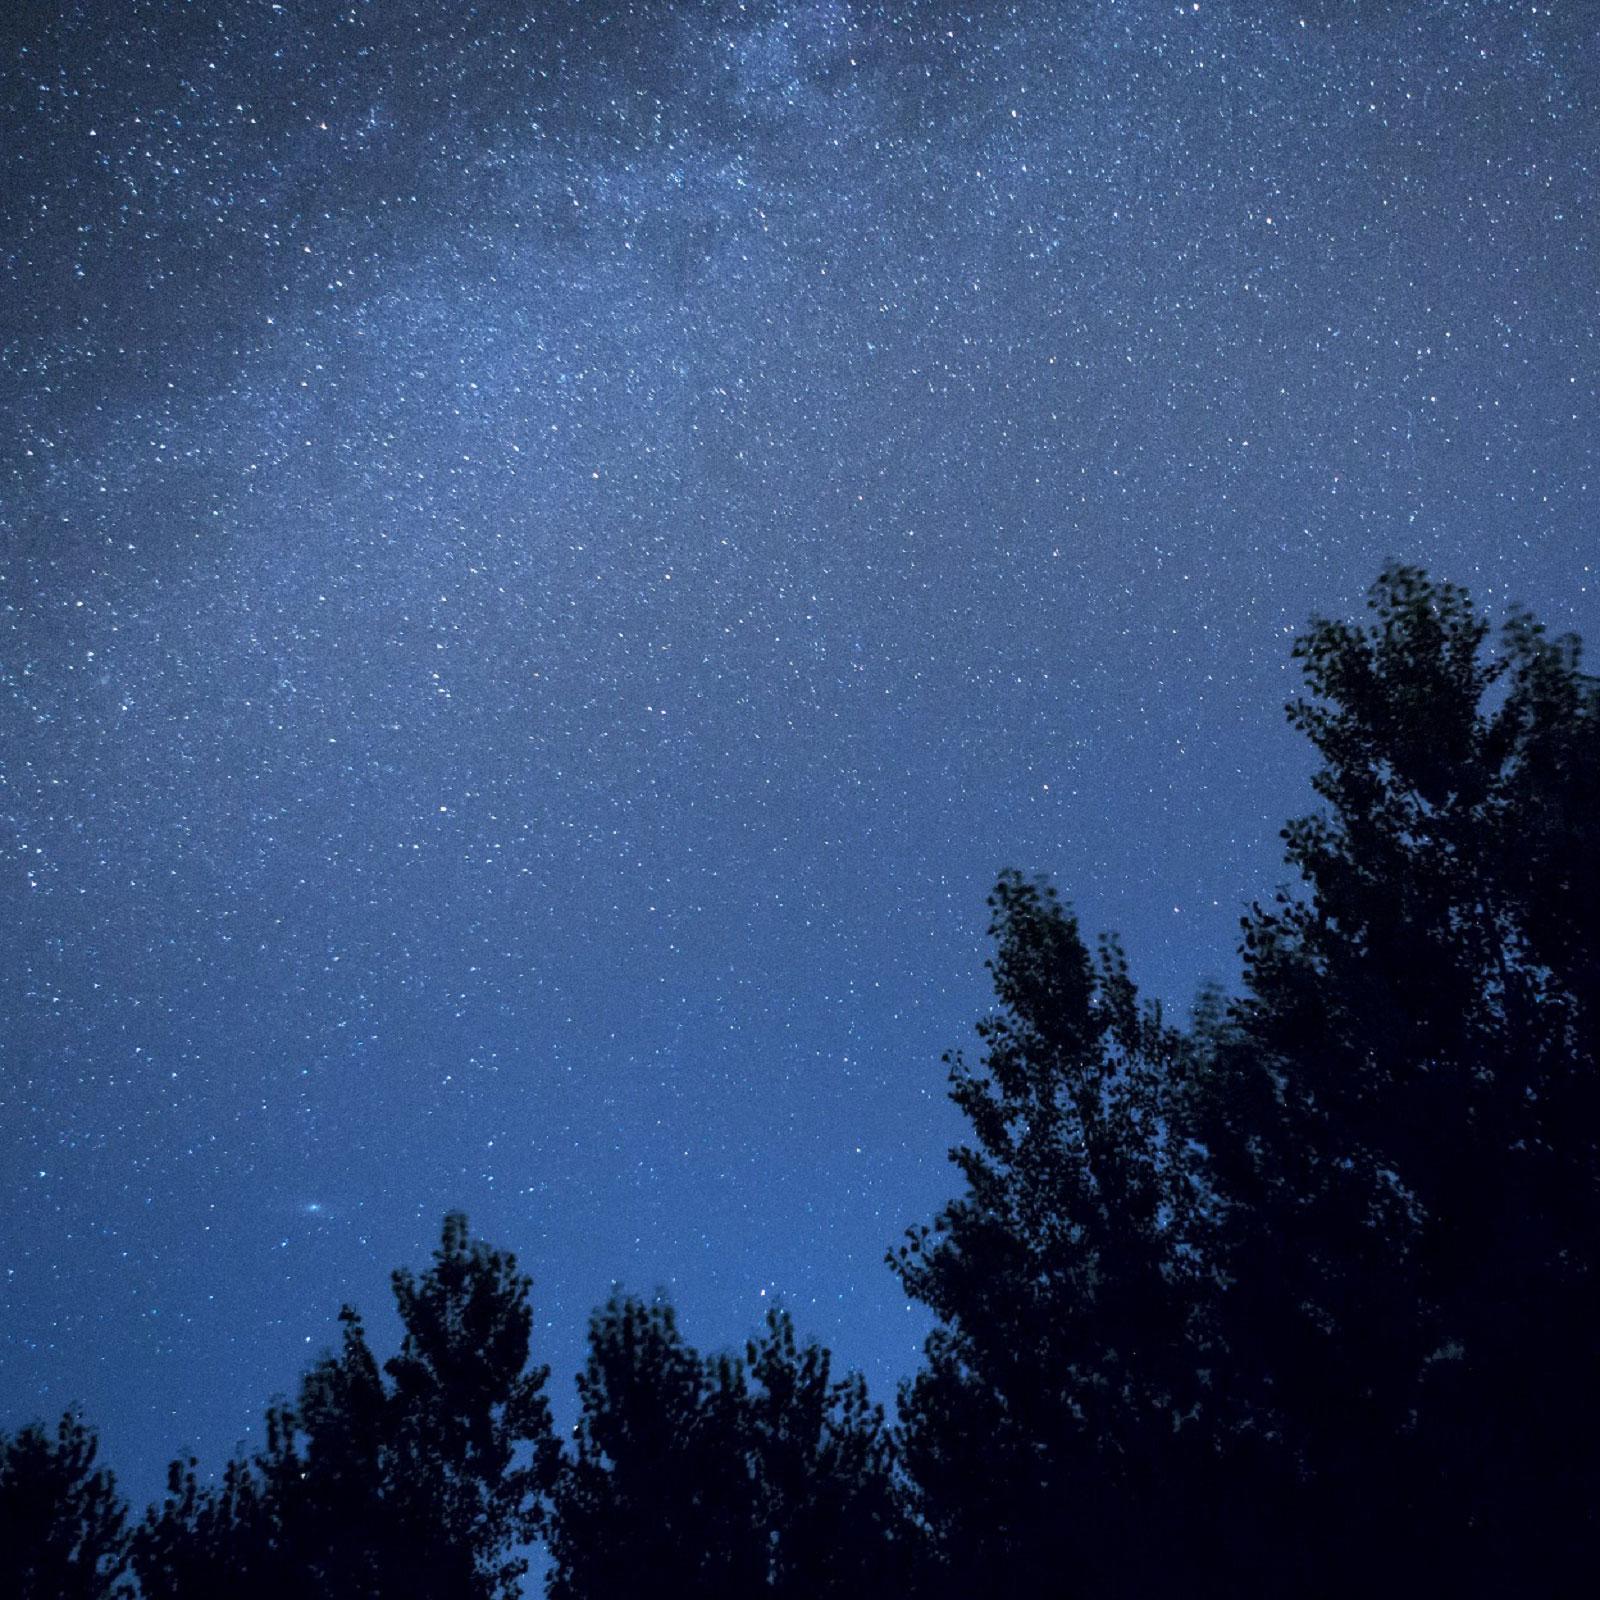 Ciel etoile starry sky - Image ciel etoile ...